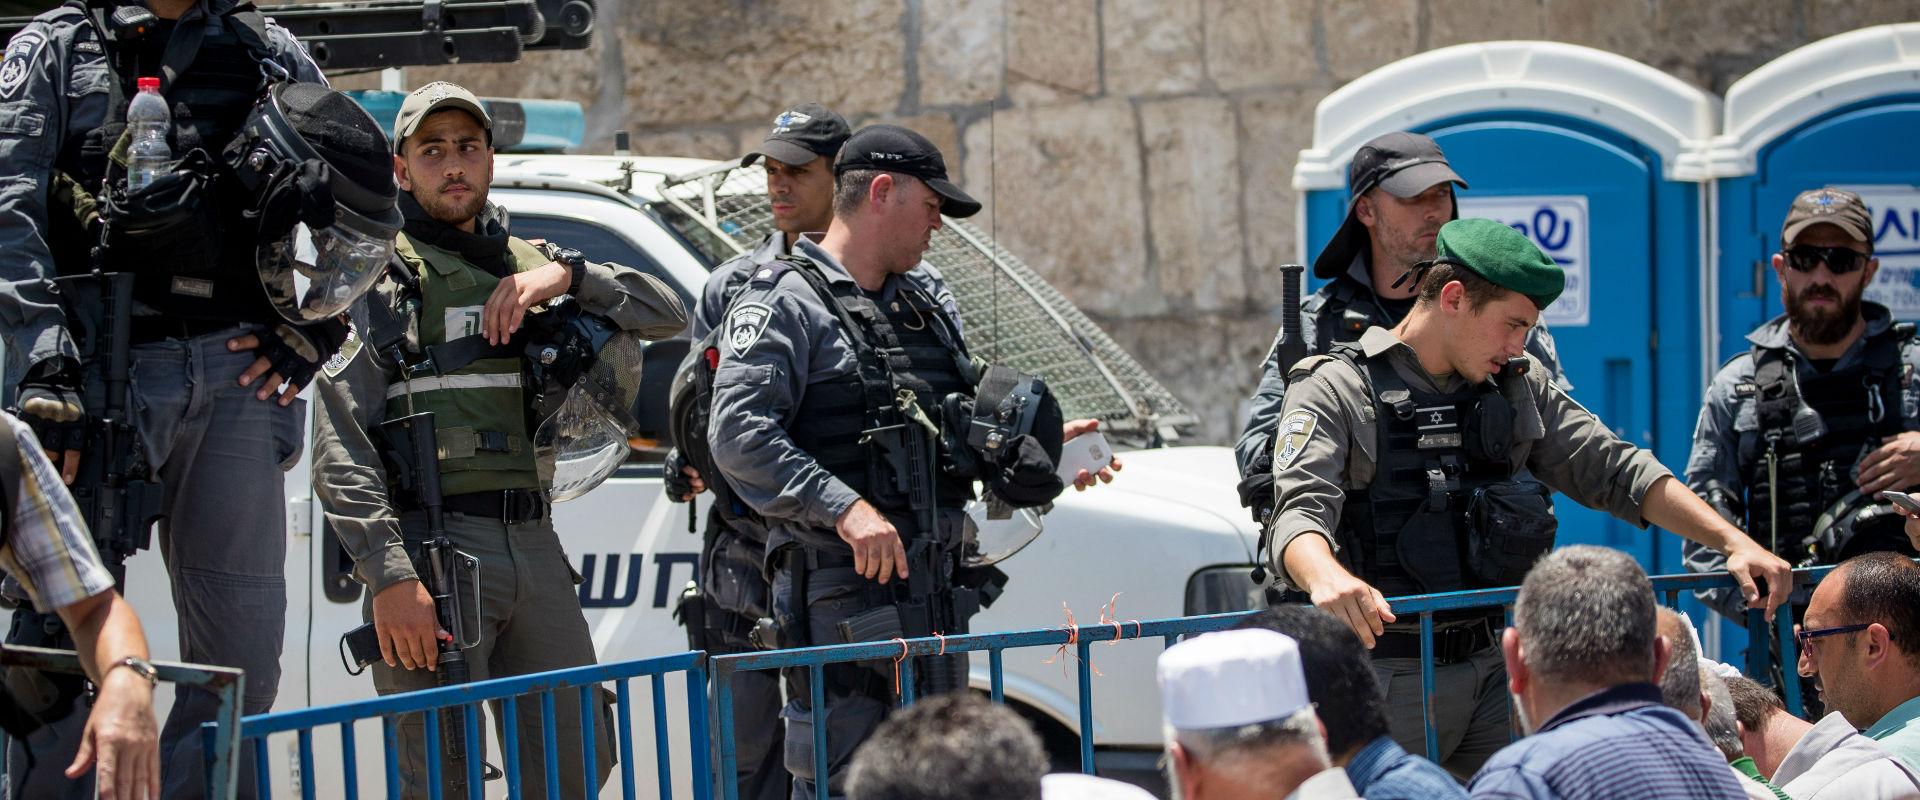 שוטרים מאבטחים את מתחם הר הבית (צילום: יונתן זינדל